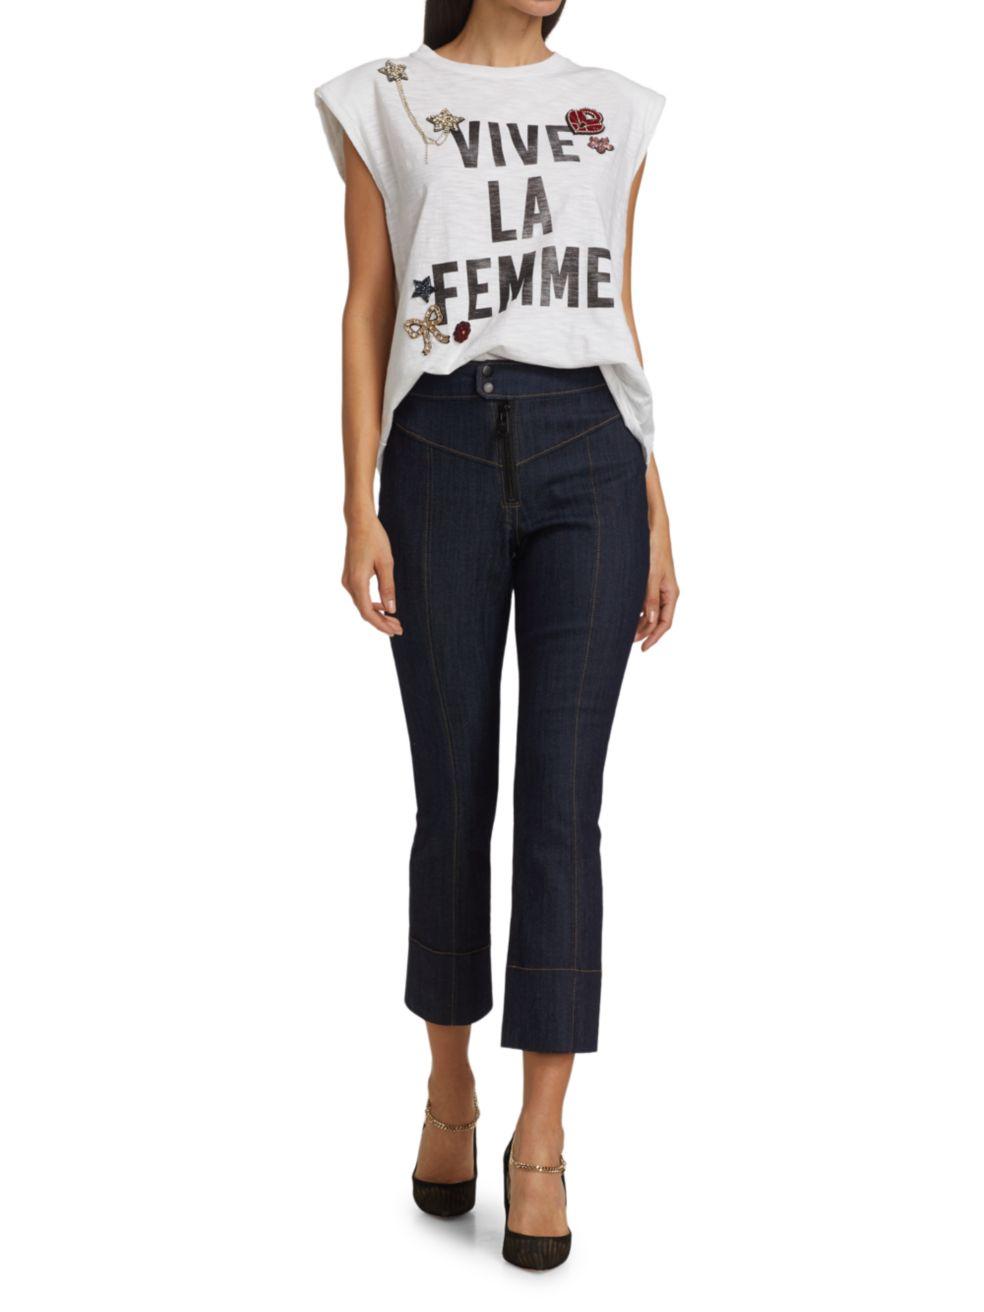 Cinq à Sept Vive La Femme Patch T-Shirt | SaksFifthAvenue